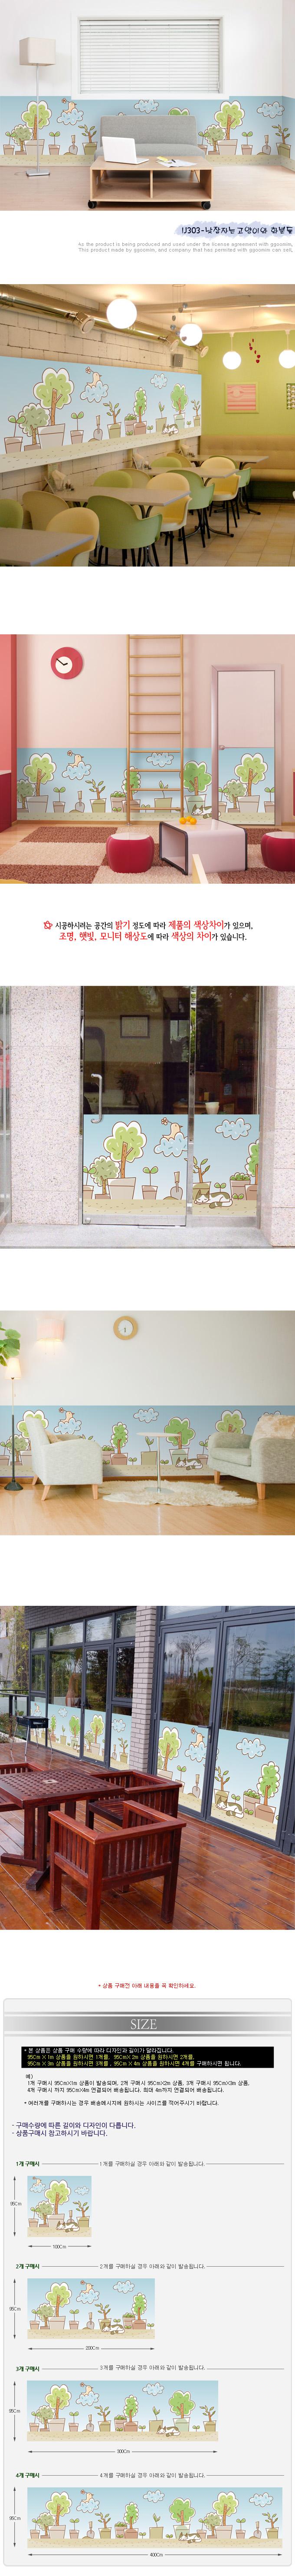 ij303-낮잠자는고양이와화분들_가로형뮤럴시트지_뮤럴시트지 - 꾸밈, 22,400원, 벽지/시트지, 디자인 시트지